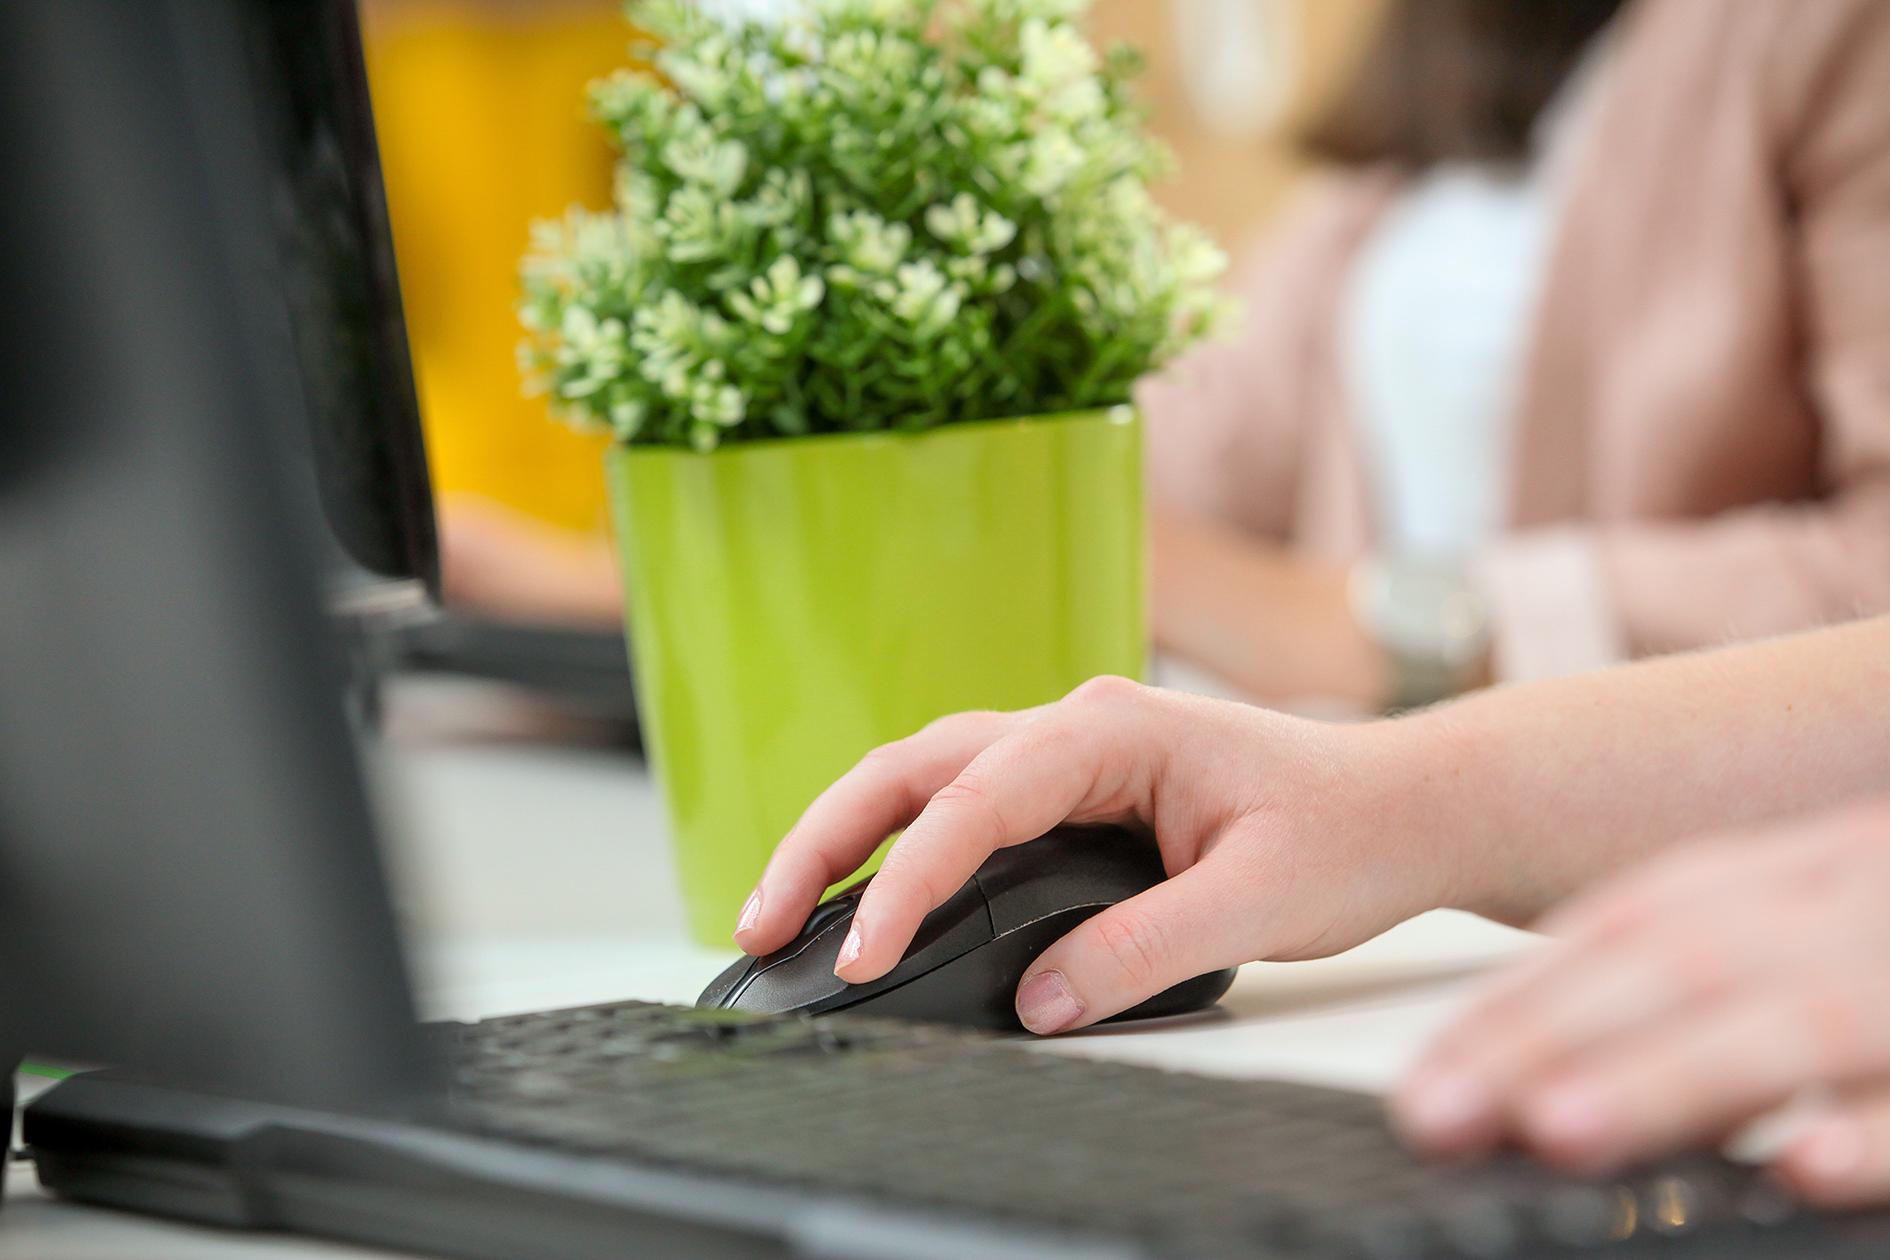 Bec typing